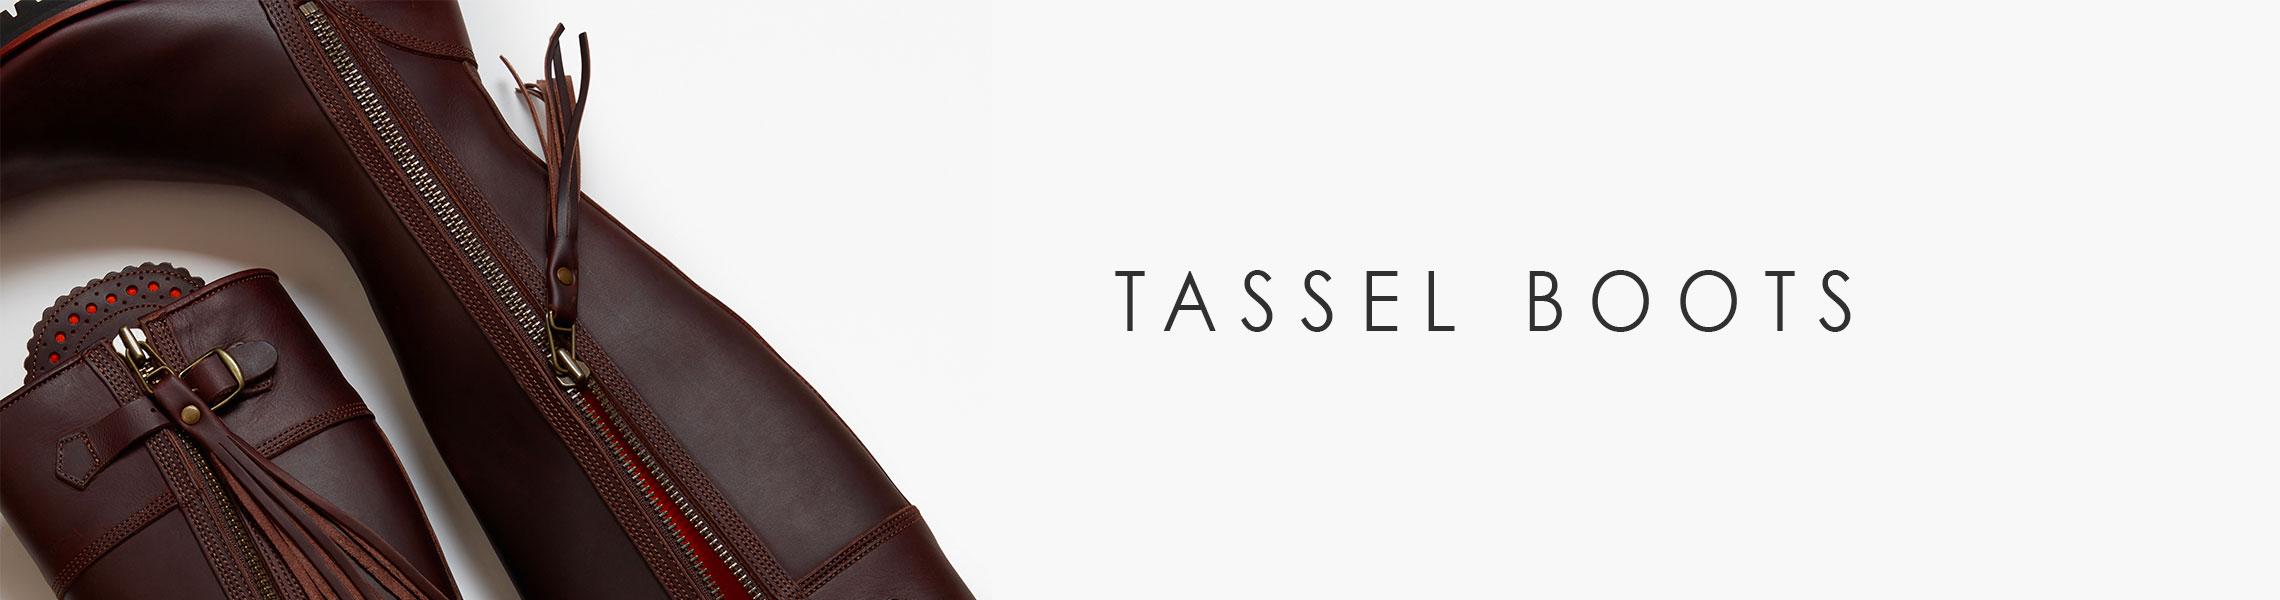 TASSEL BOOTS